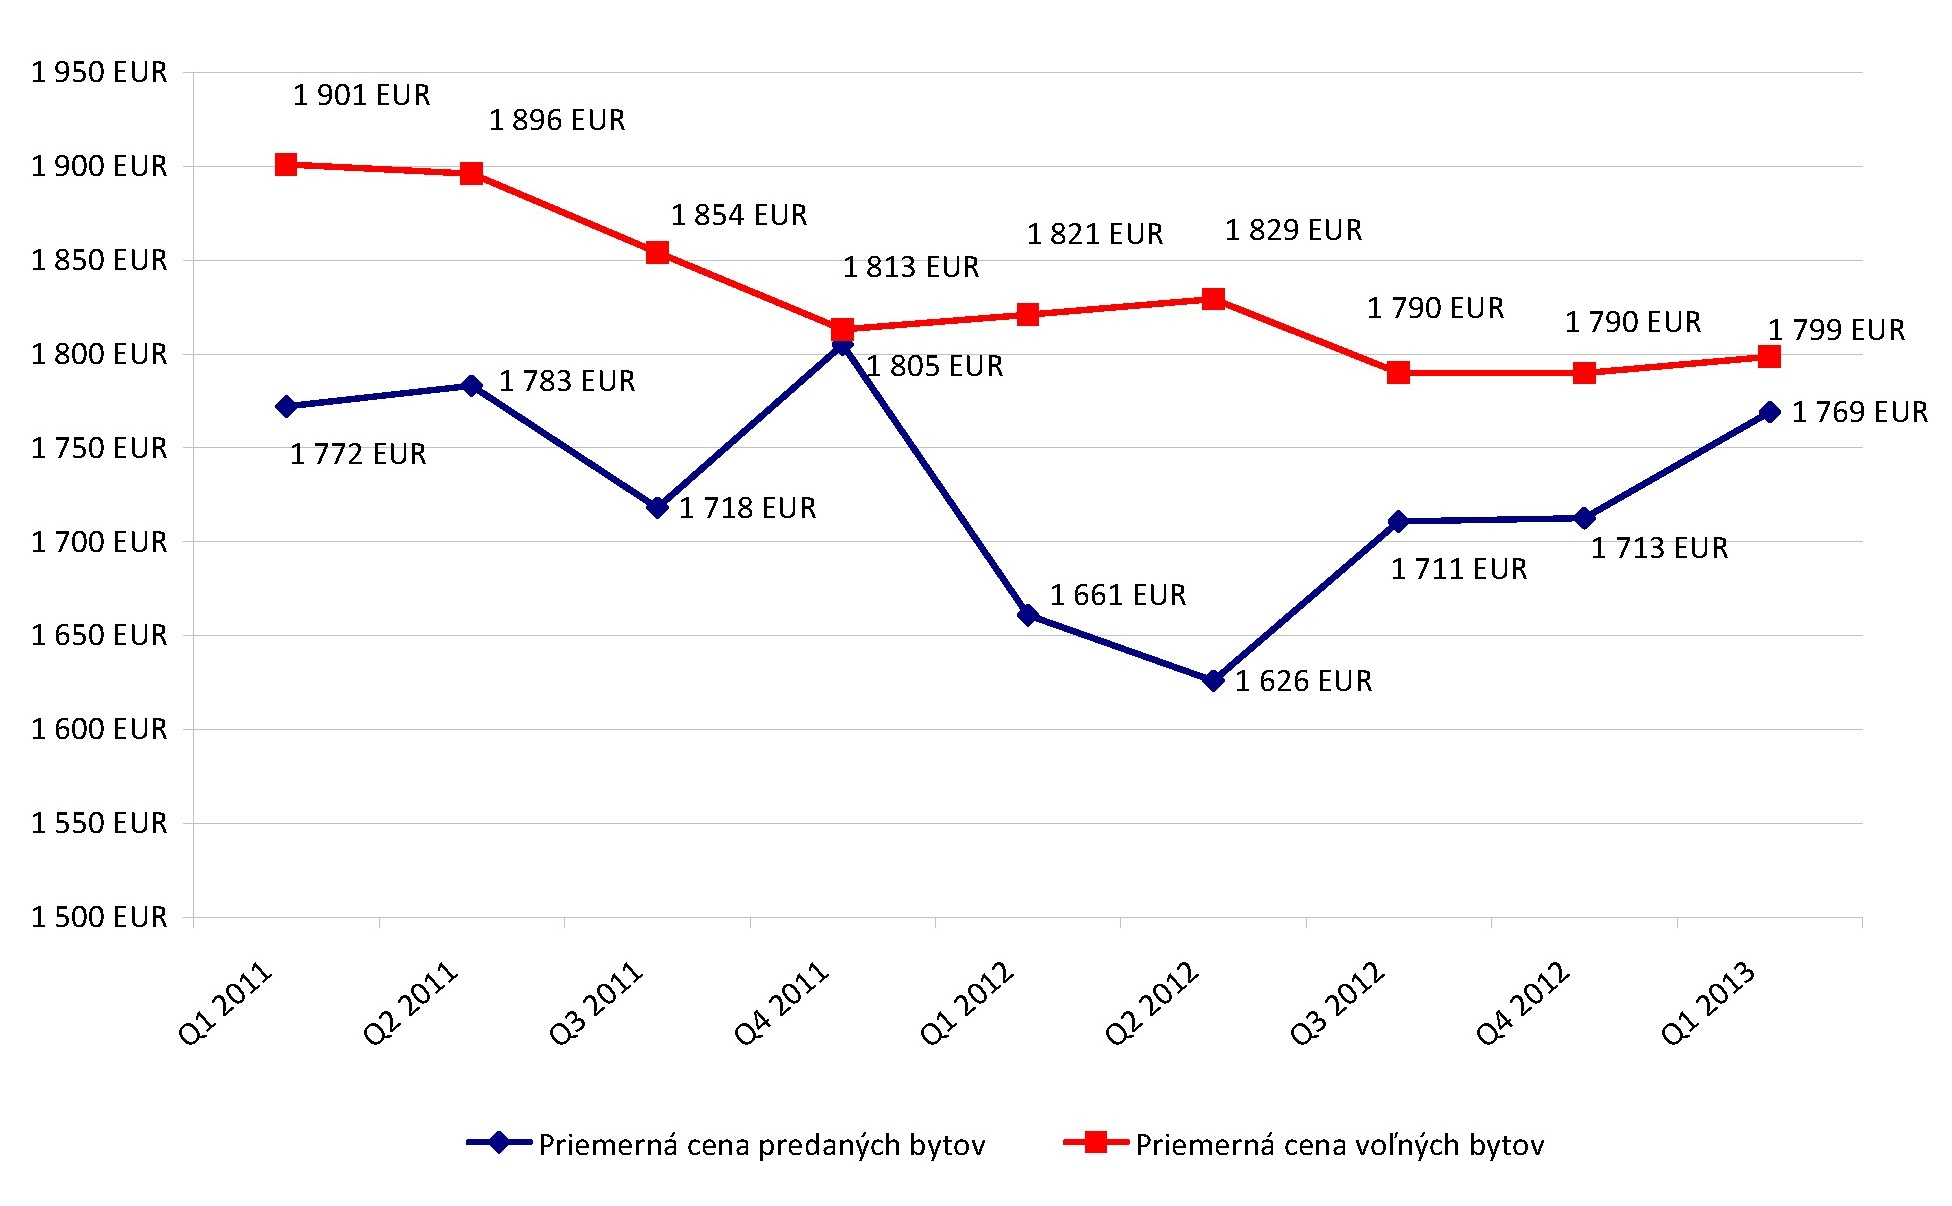 Vývoj priemernej ceny na m2 nových bytov v EUR bez DPH